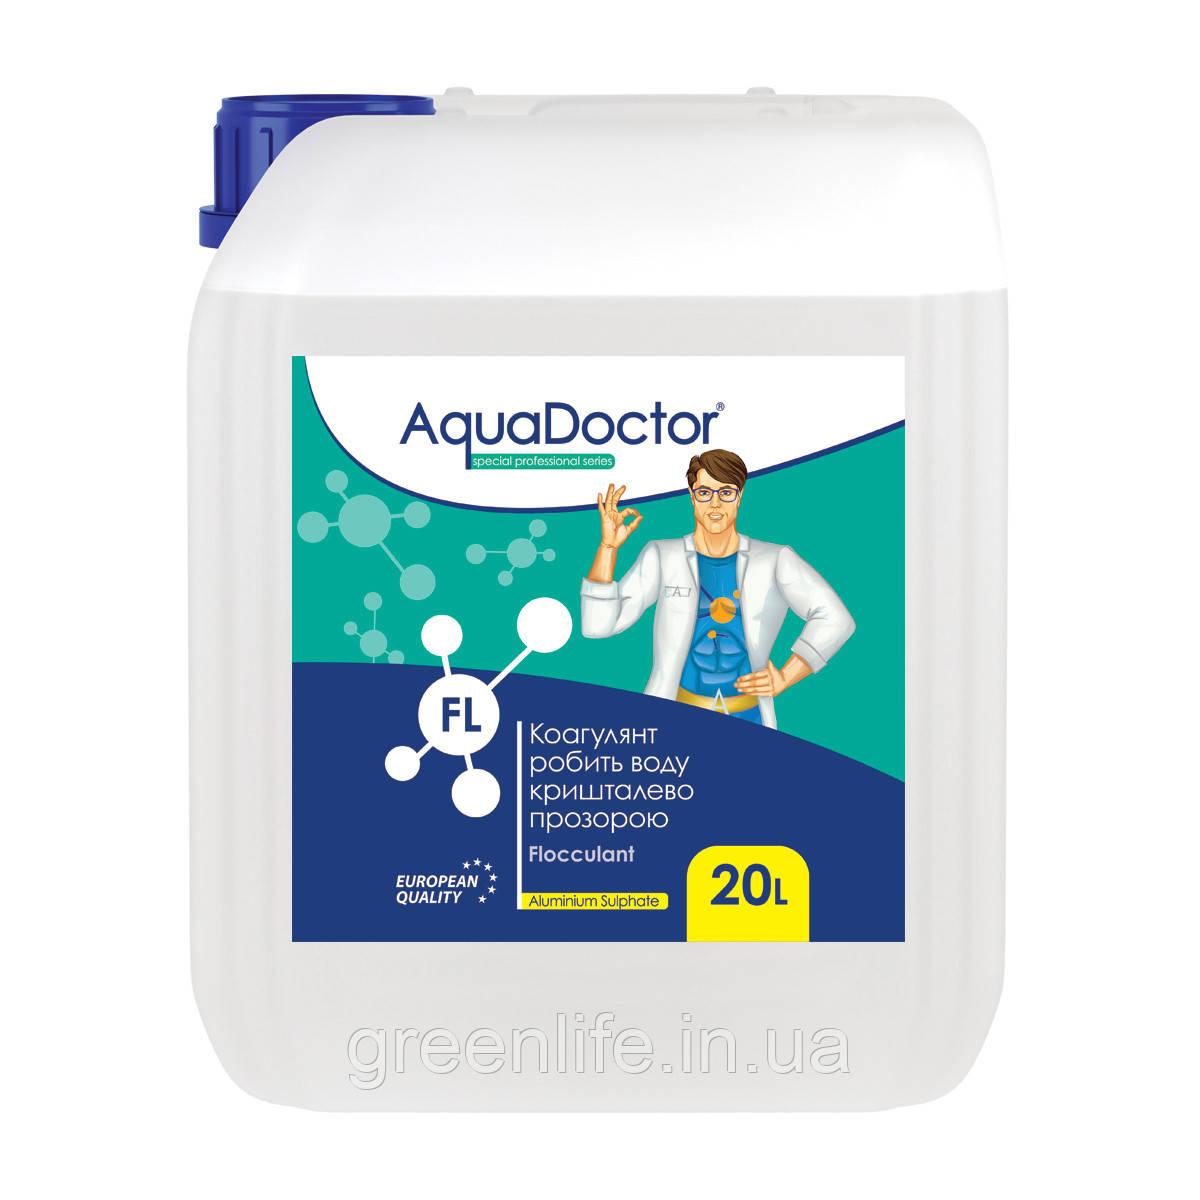 Жидкое коагулирующее средство AquaDoctor FL, Аквадоктор, 20 л